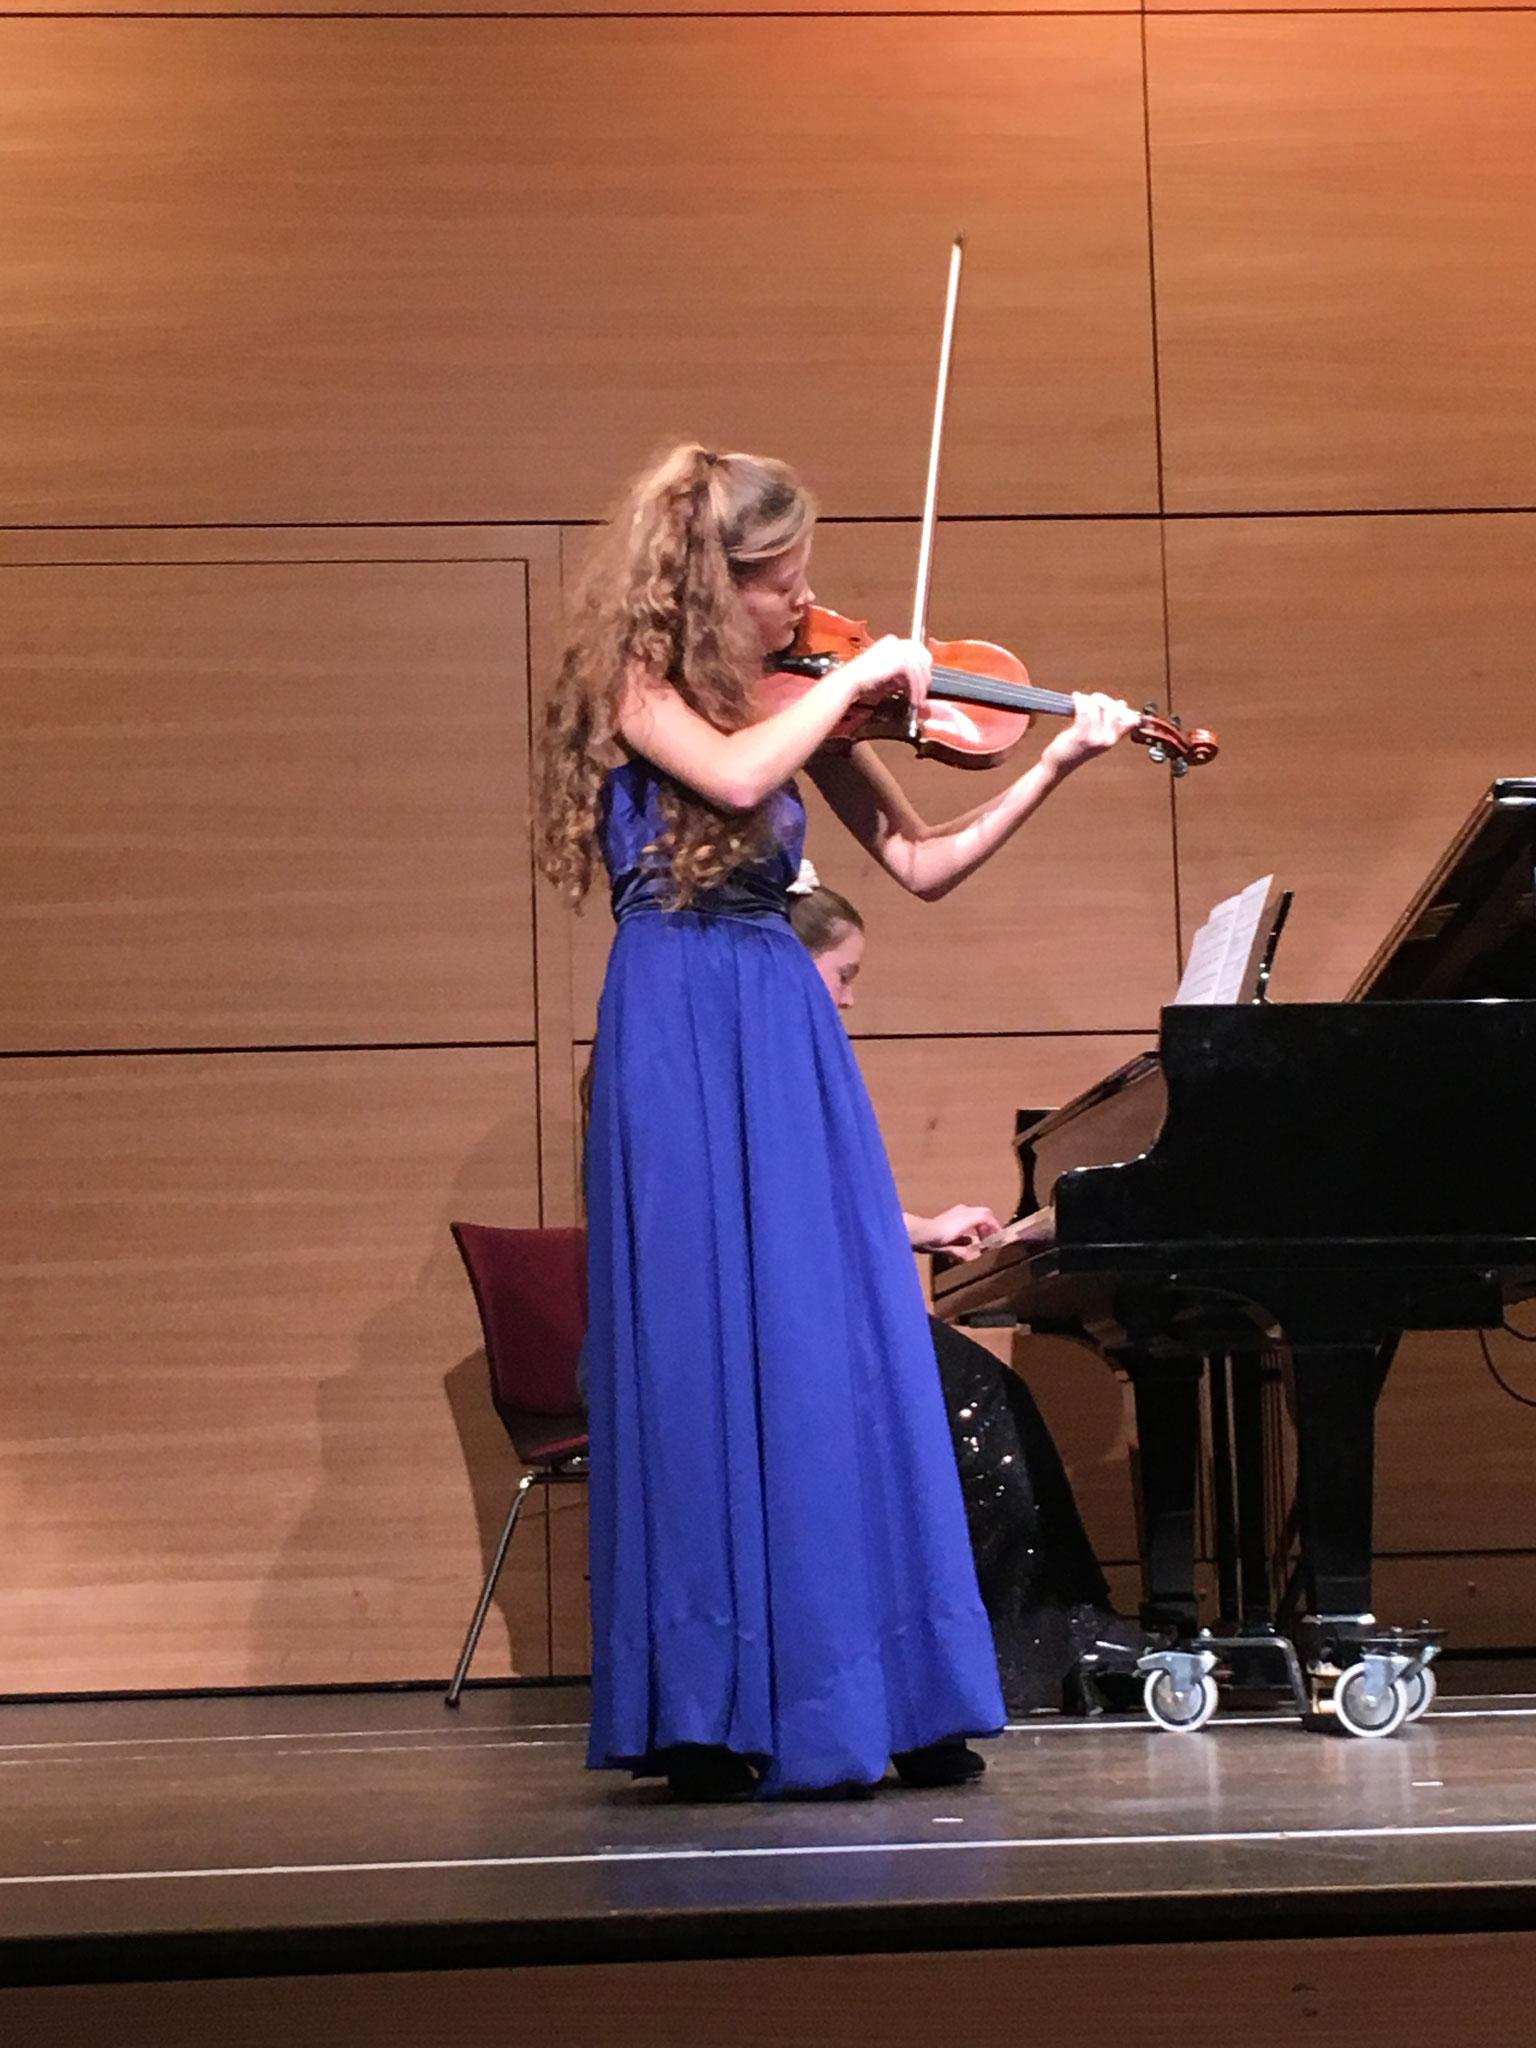 Konzert in Kooperation mit der Hochschule für Musik am 2.12.2016